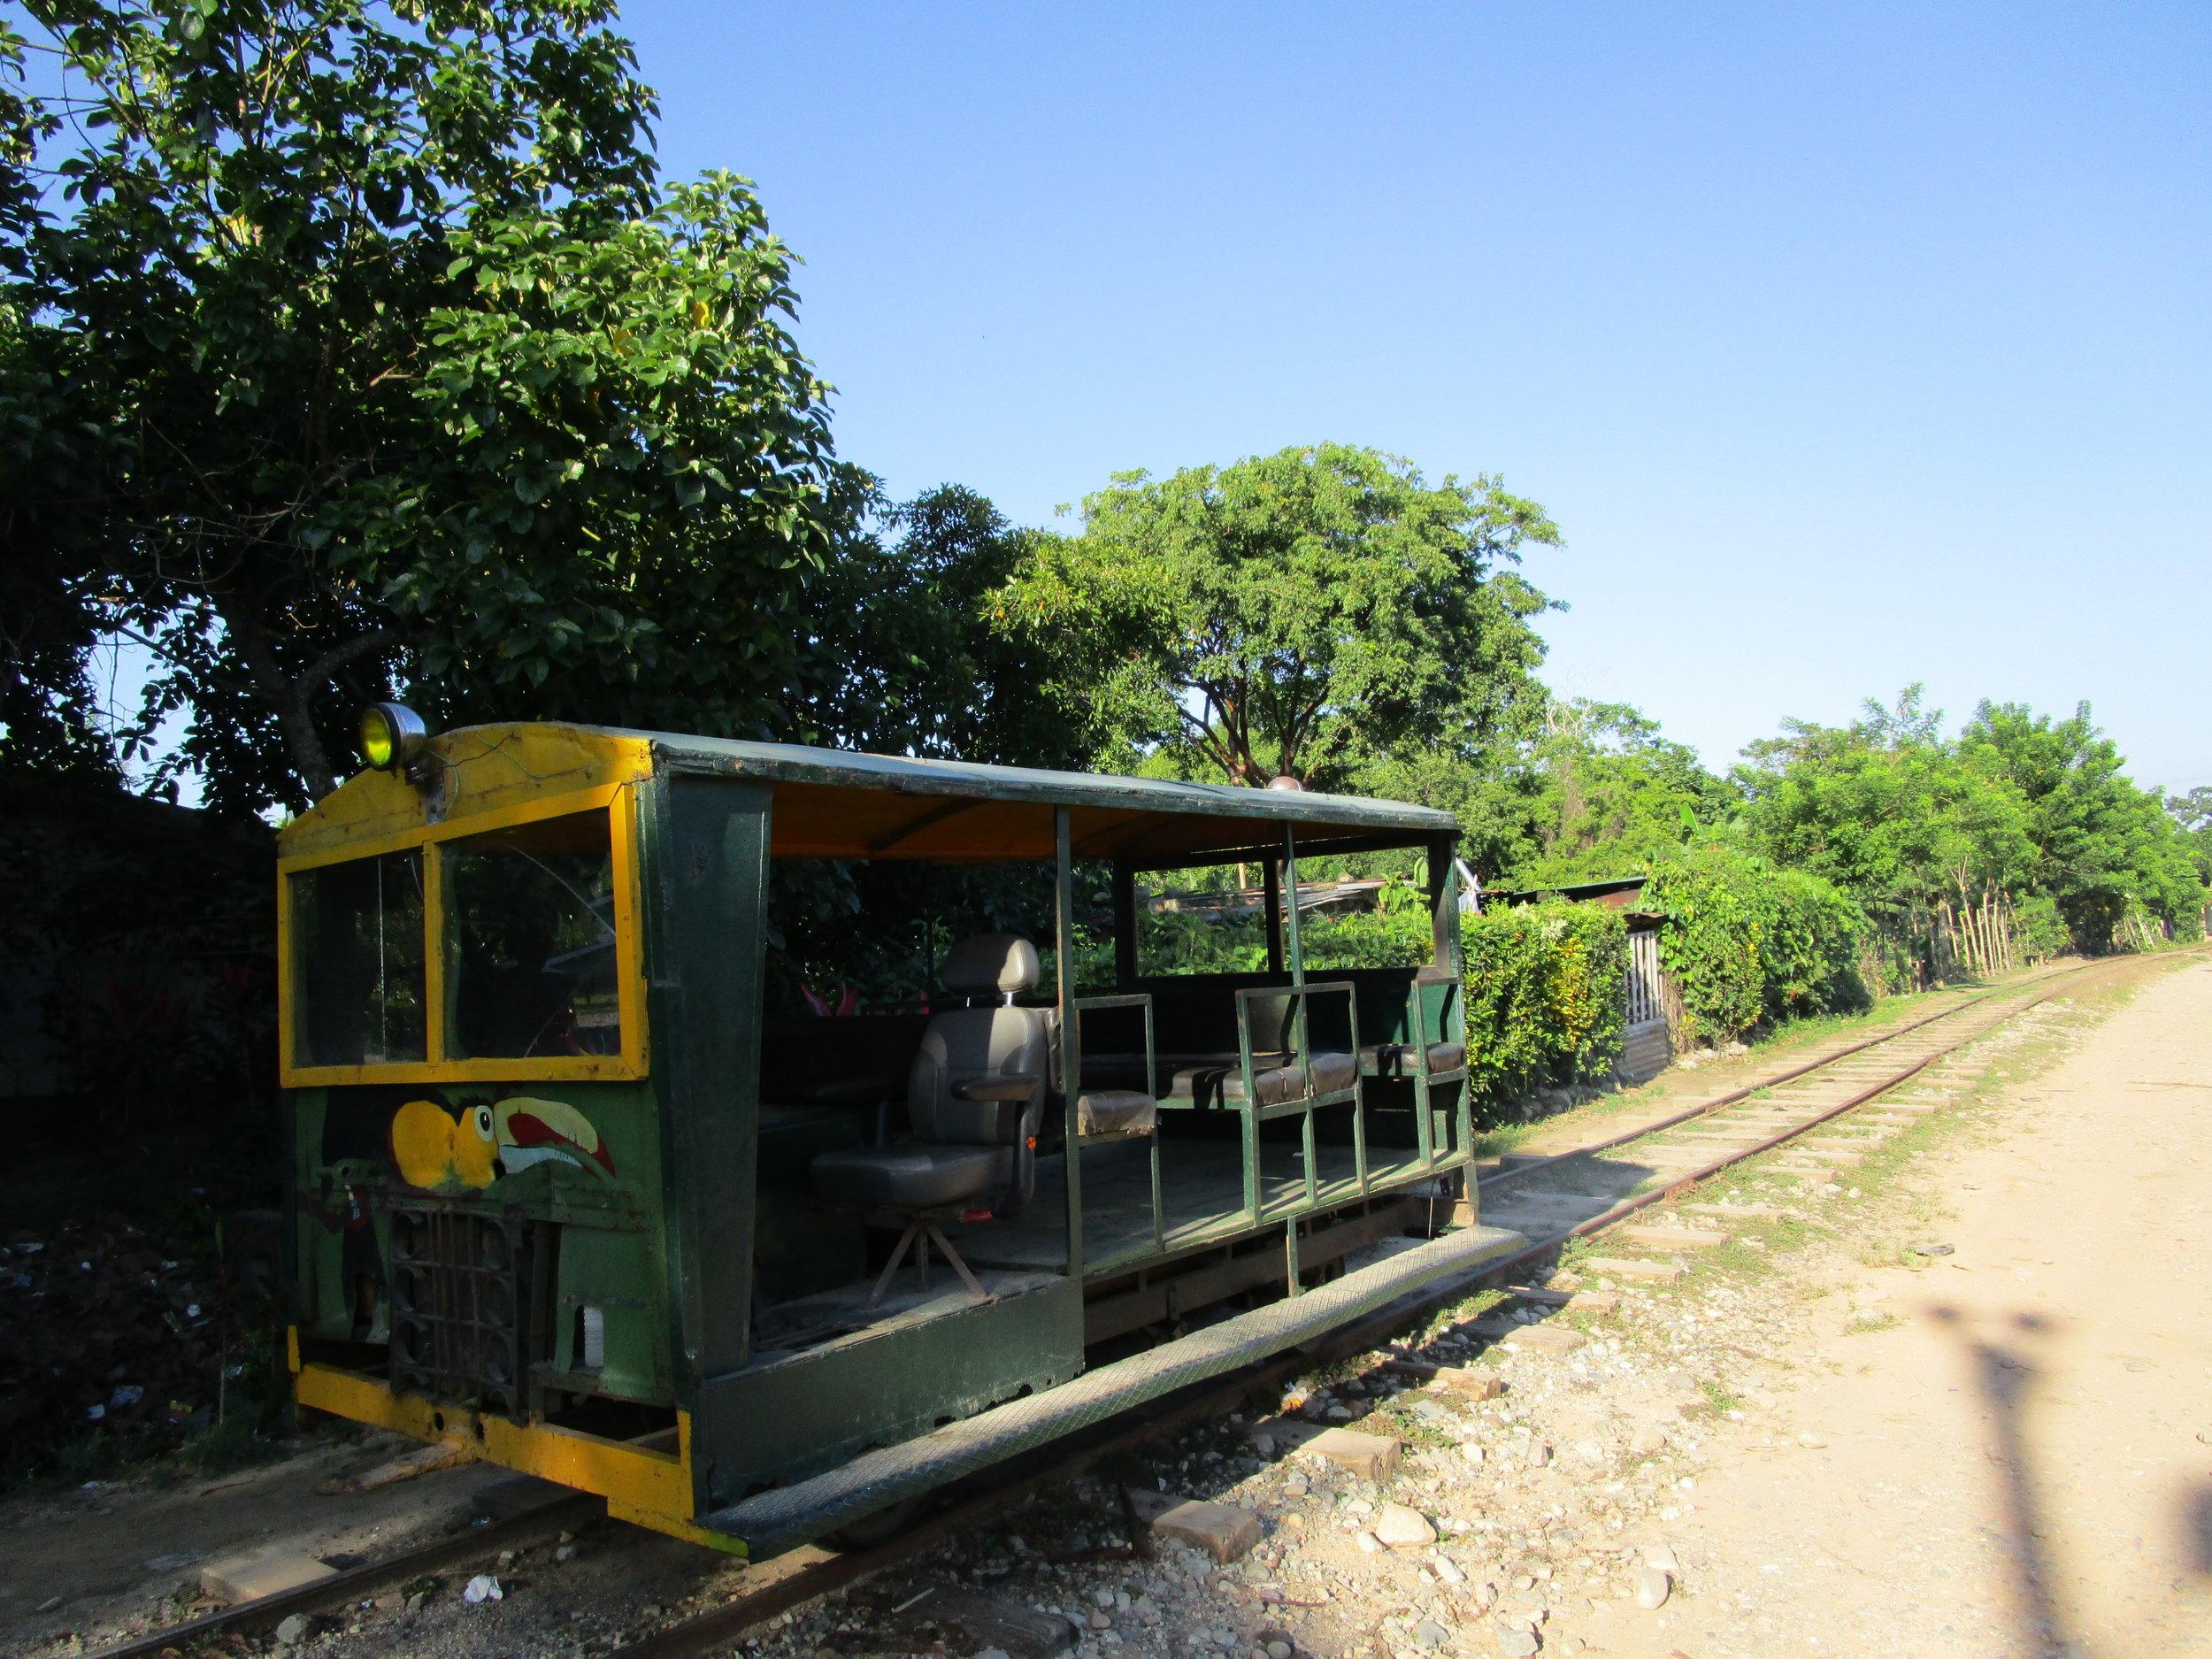 Railroad car into Cuero y Salado Wildlife Refuge